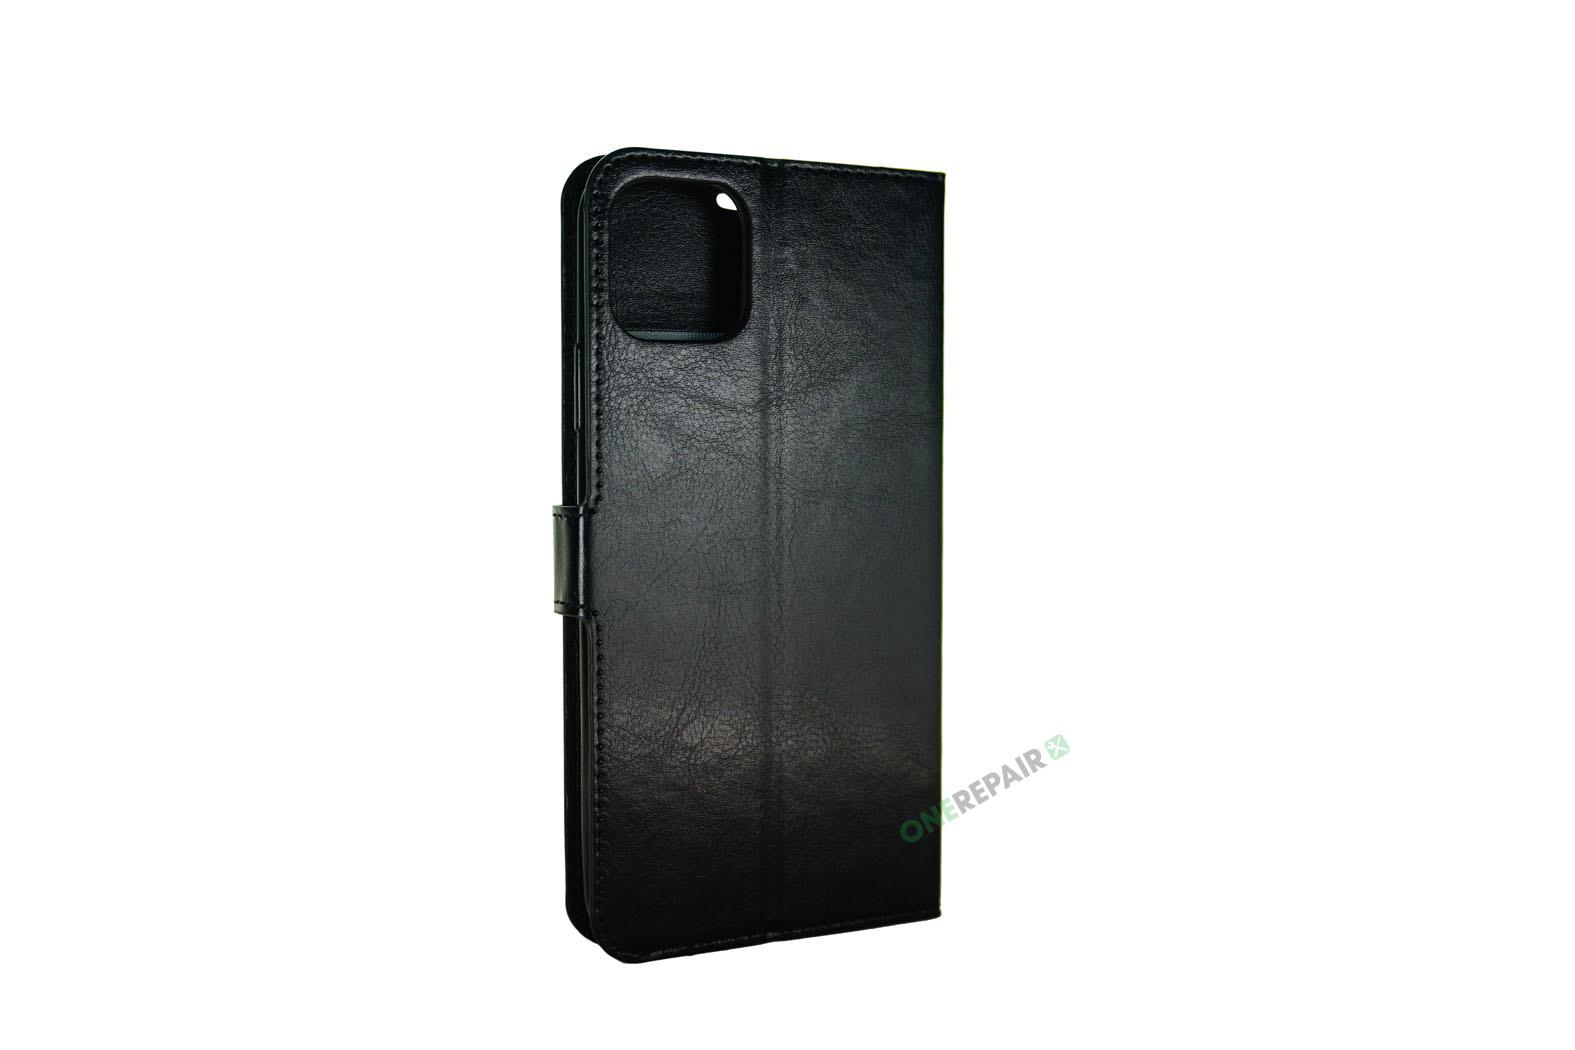 353772-001_iPhone_11_Pro_max_00003